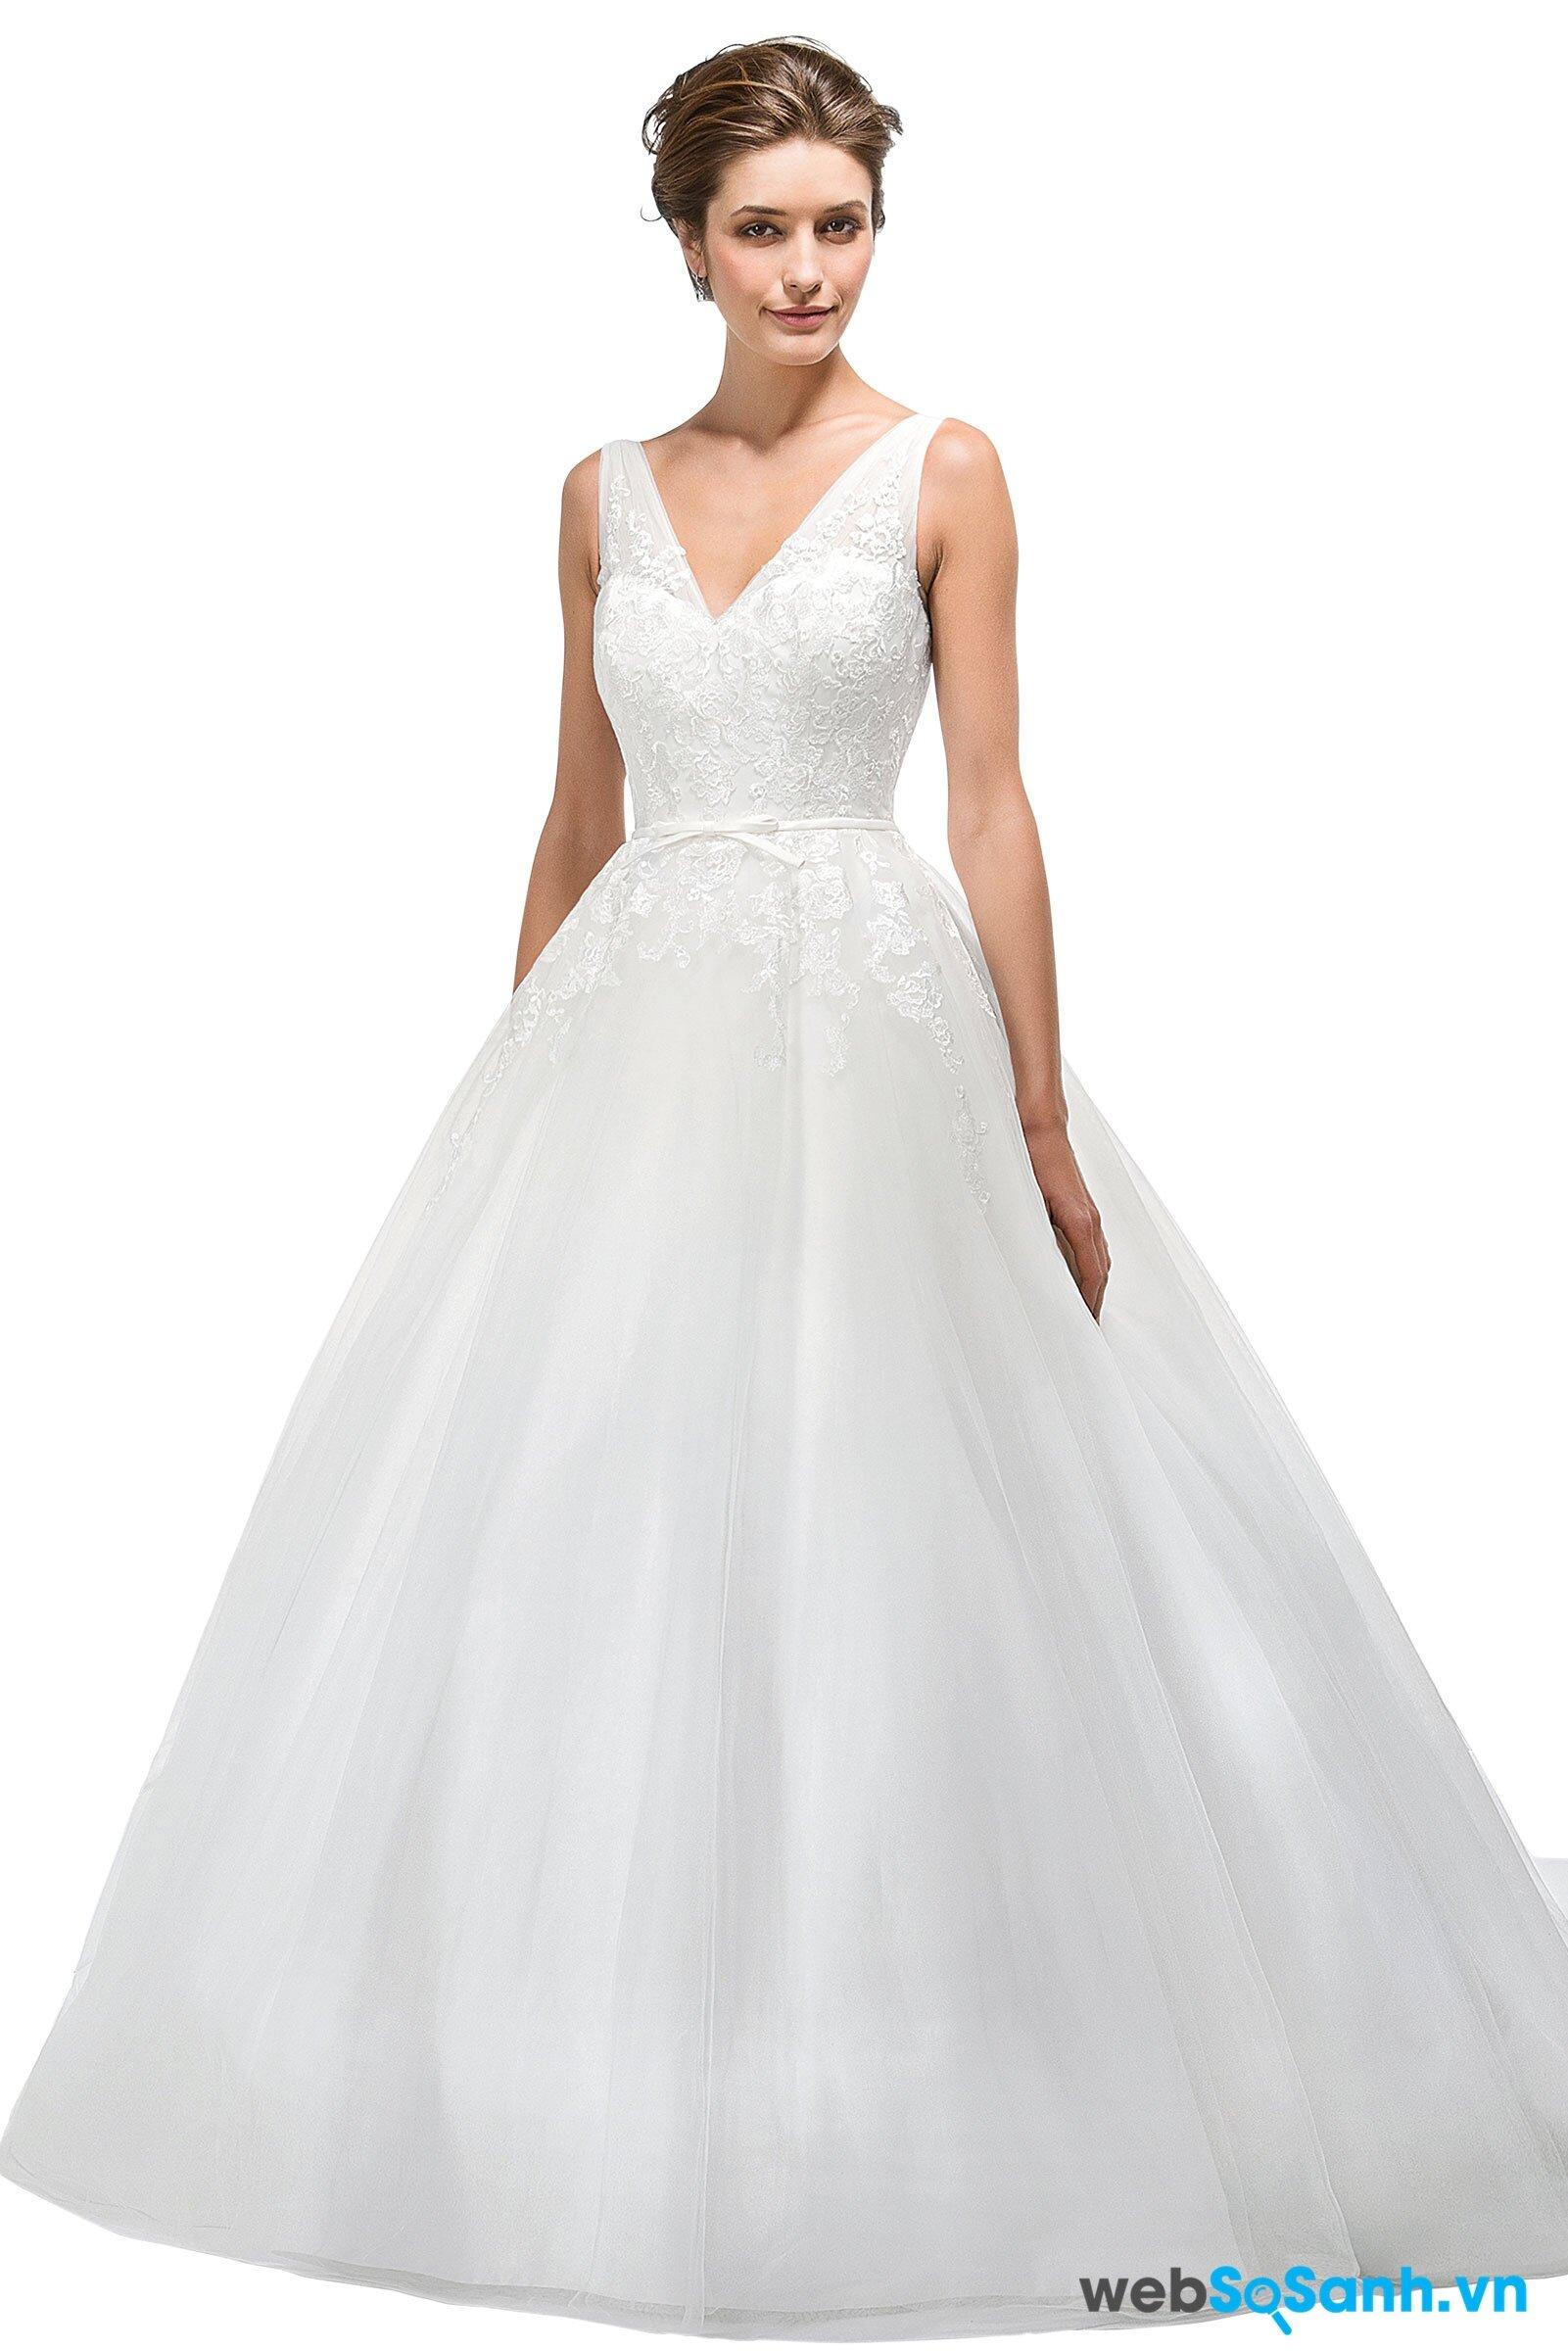 Cách chọn váy cưới phù hợp với từng vóc dáng